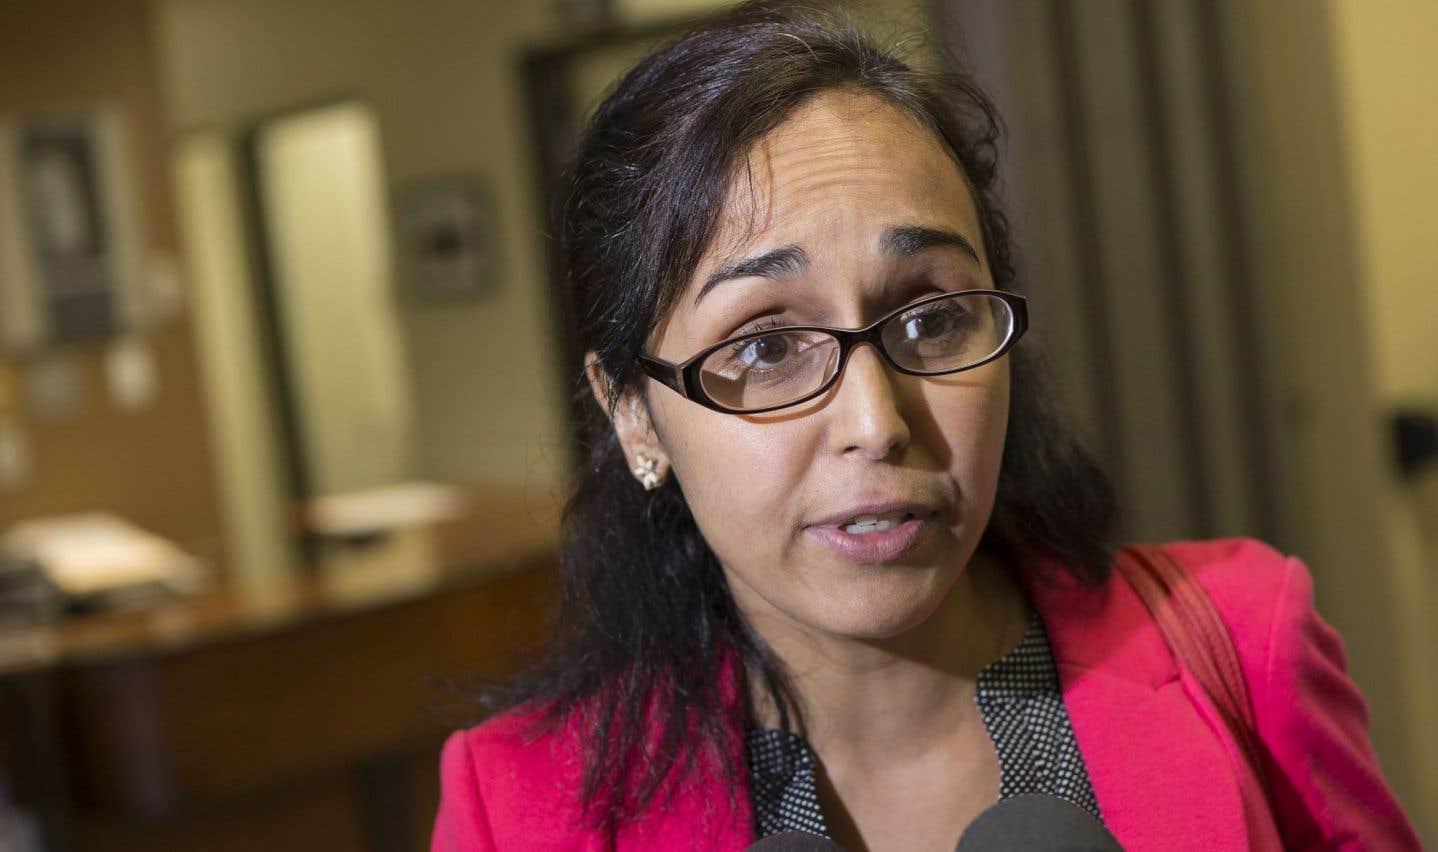 L'avocate du CCIQ, MeNadia El-Ghandouri, affirme que d'autres options seront étudiées d'abord.